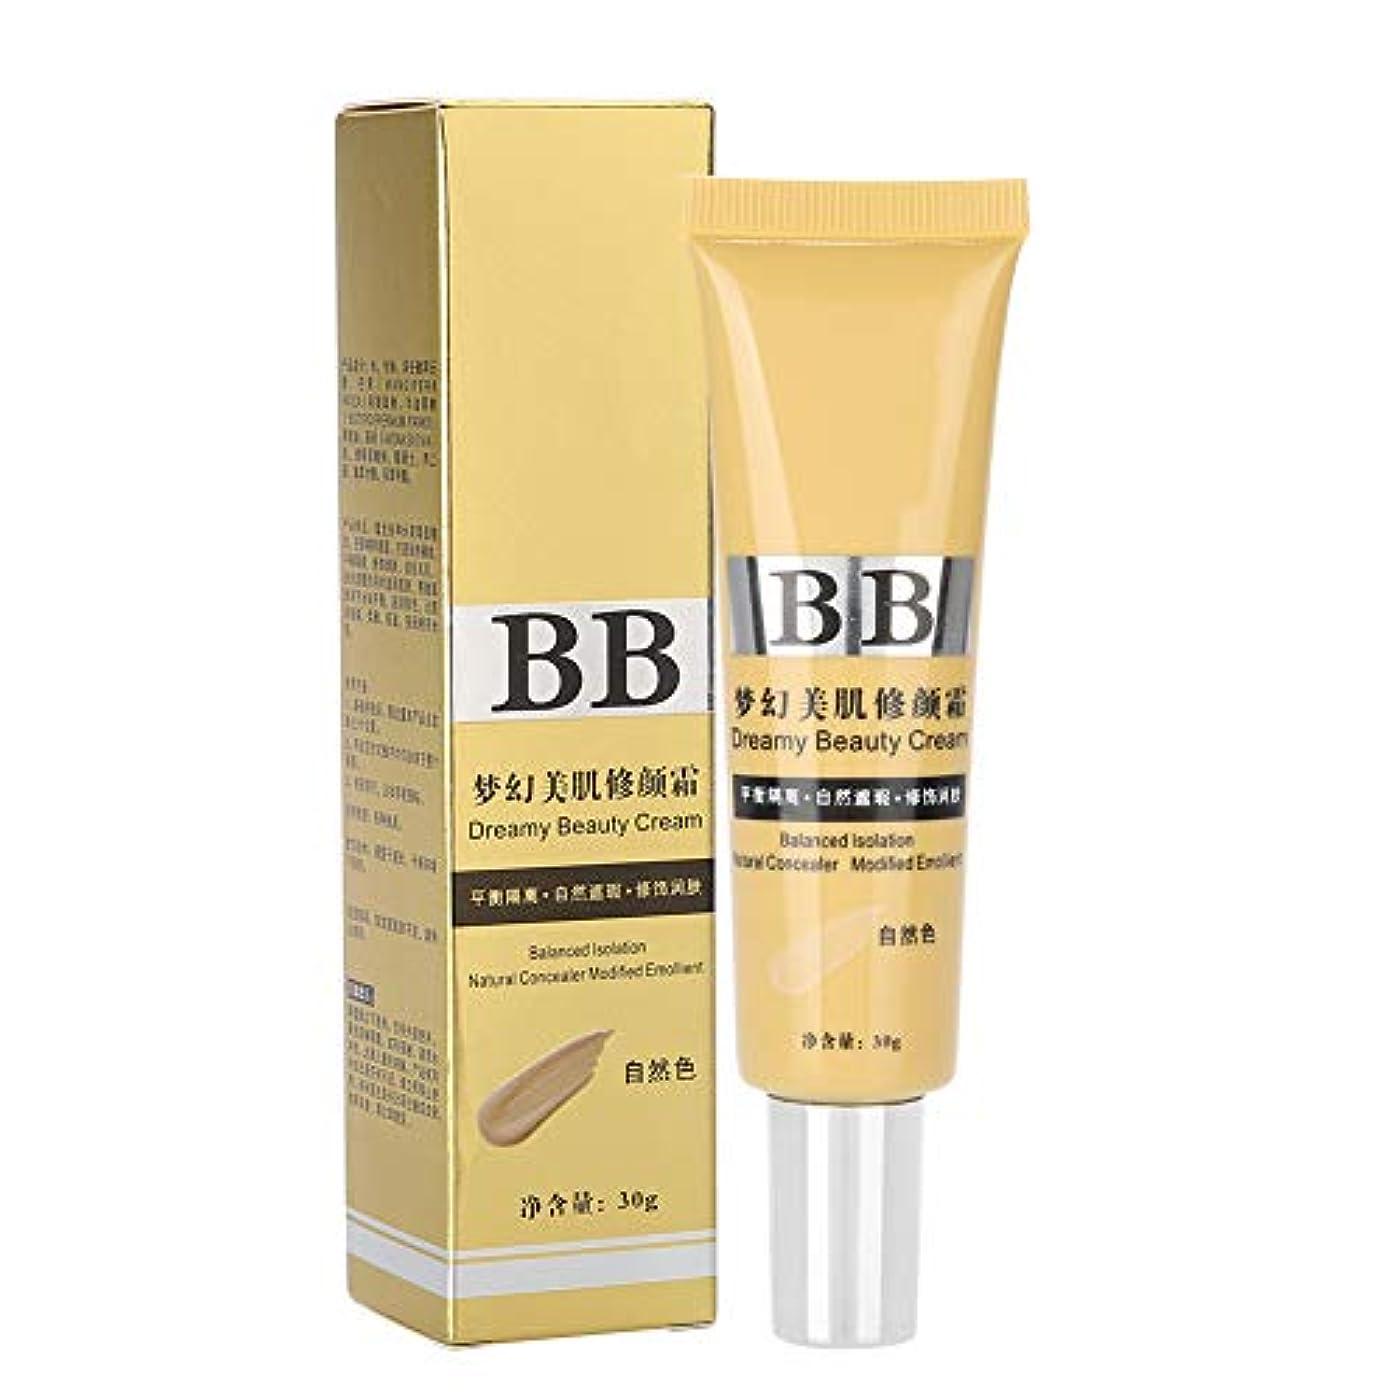 レオナルドダクレジット生産的BBパーフェクトクリーム ワイトニング コンシーラーホ 肌ケアBBクリーム 多機能 ファンデーション